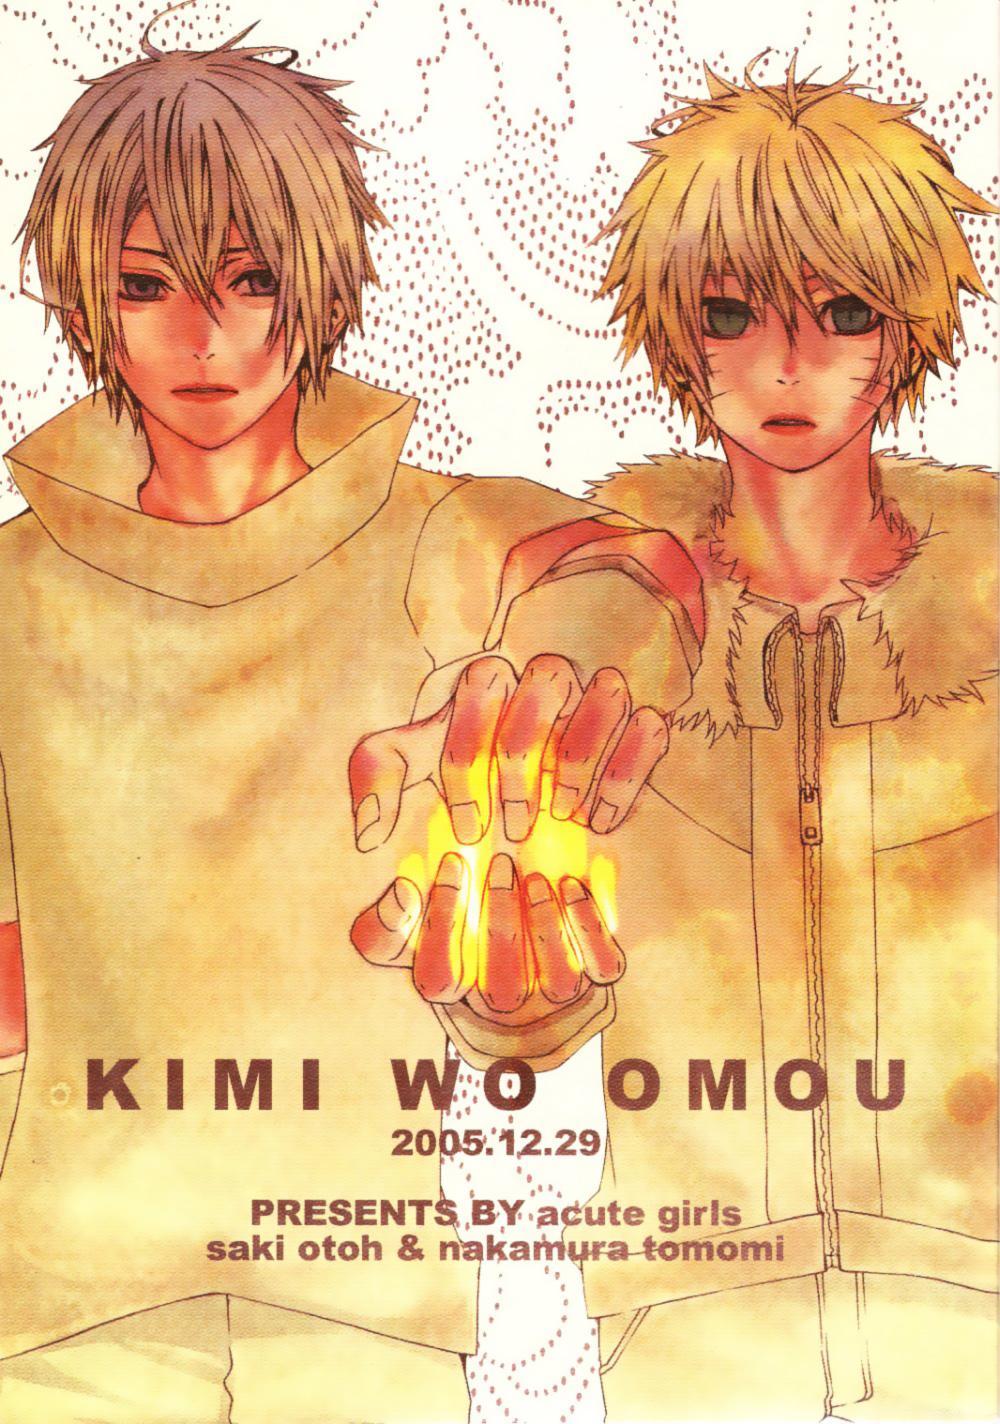 Naked Ape: Kimi wo Omou - Minitokyo